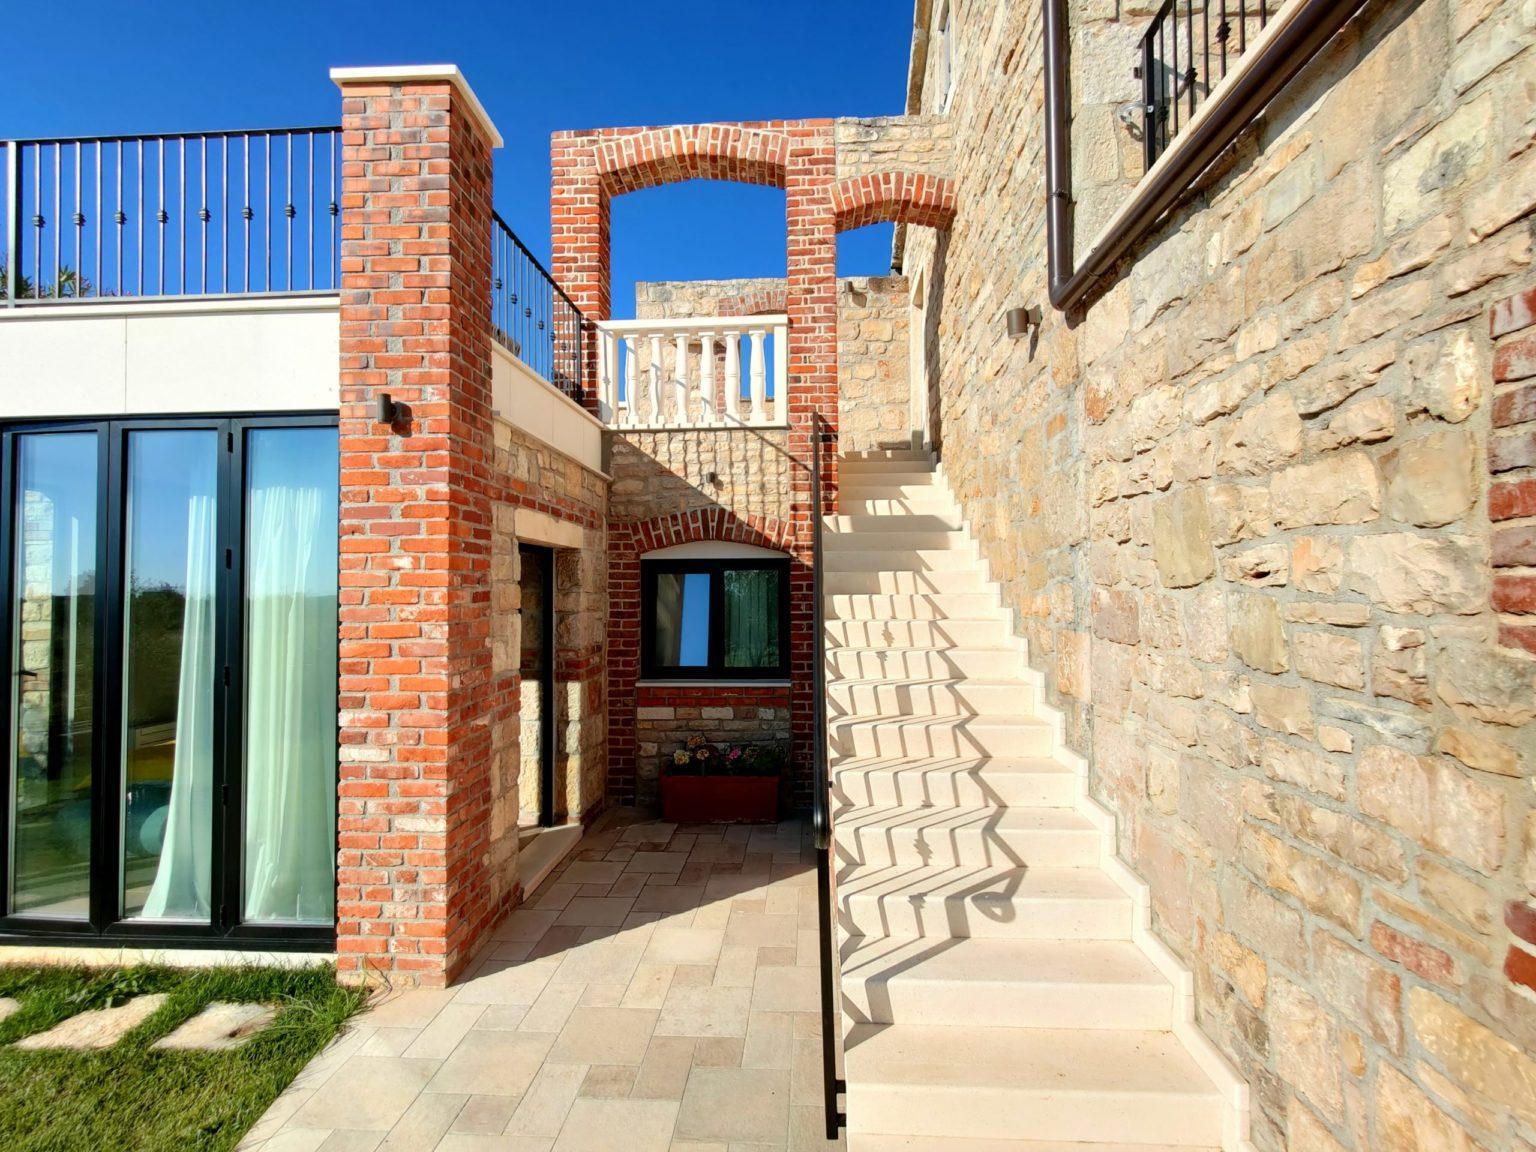 hochzeitslocation Kroatien location hochzeit heiraten 21 2 scaled - Moderne Villa